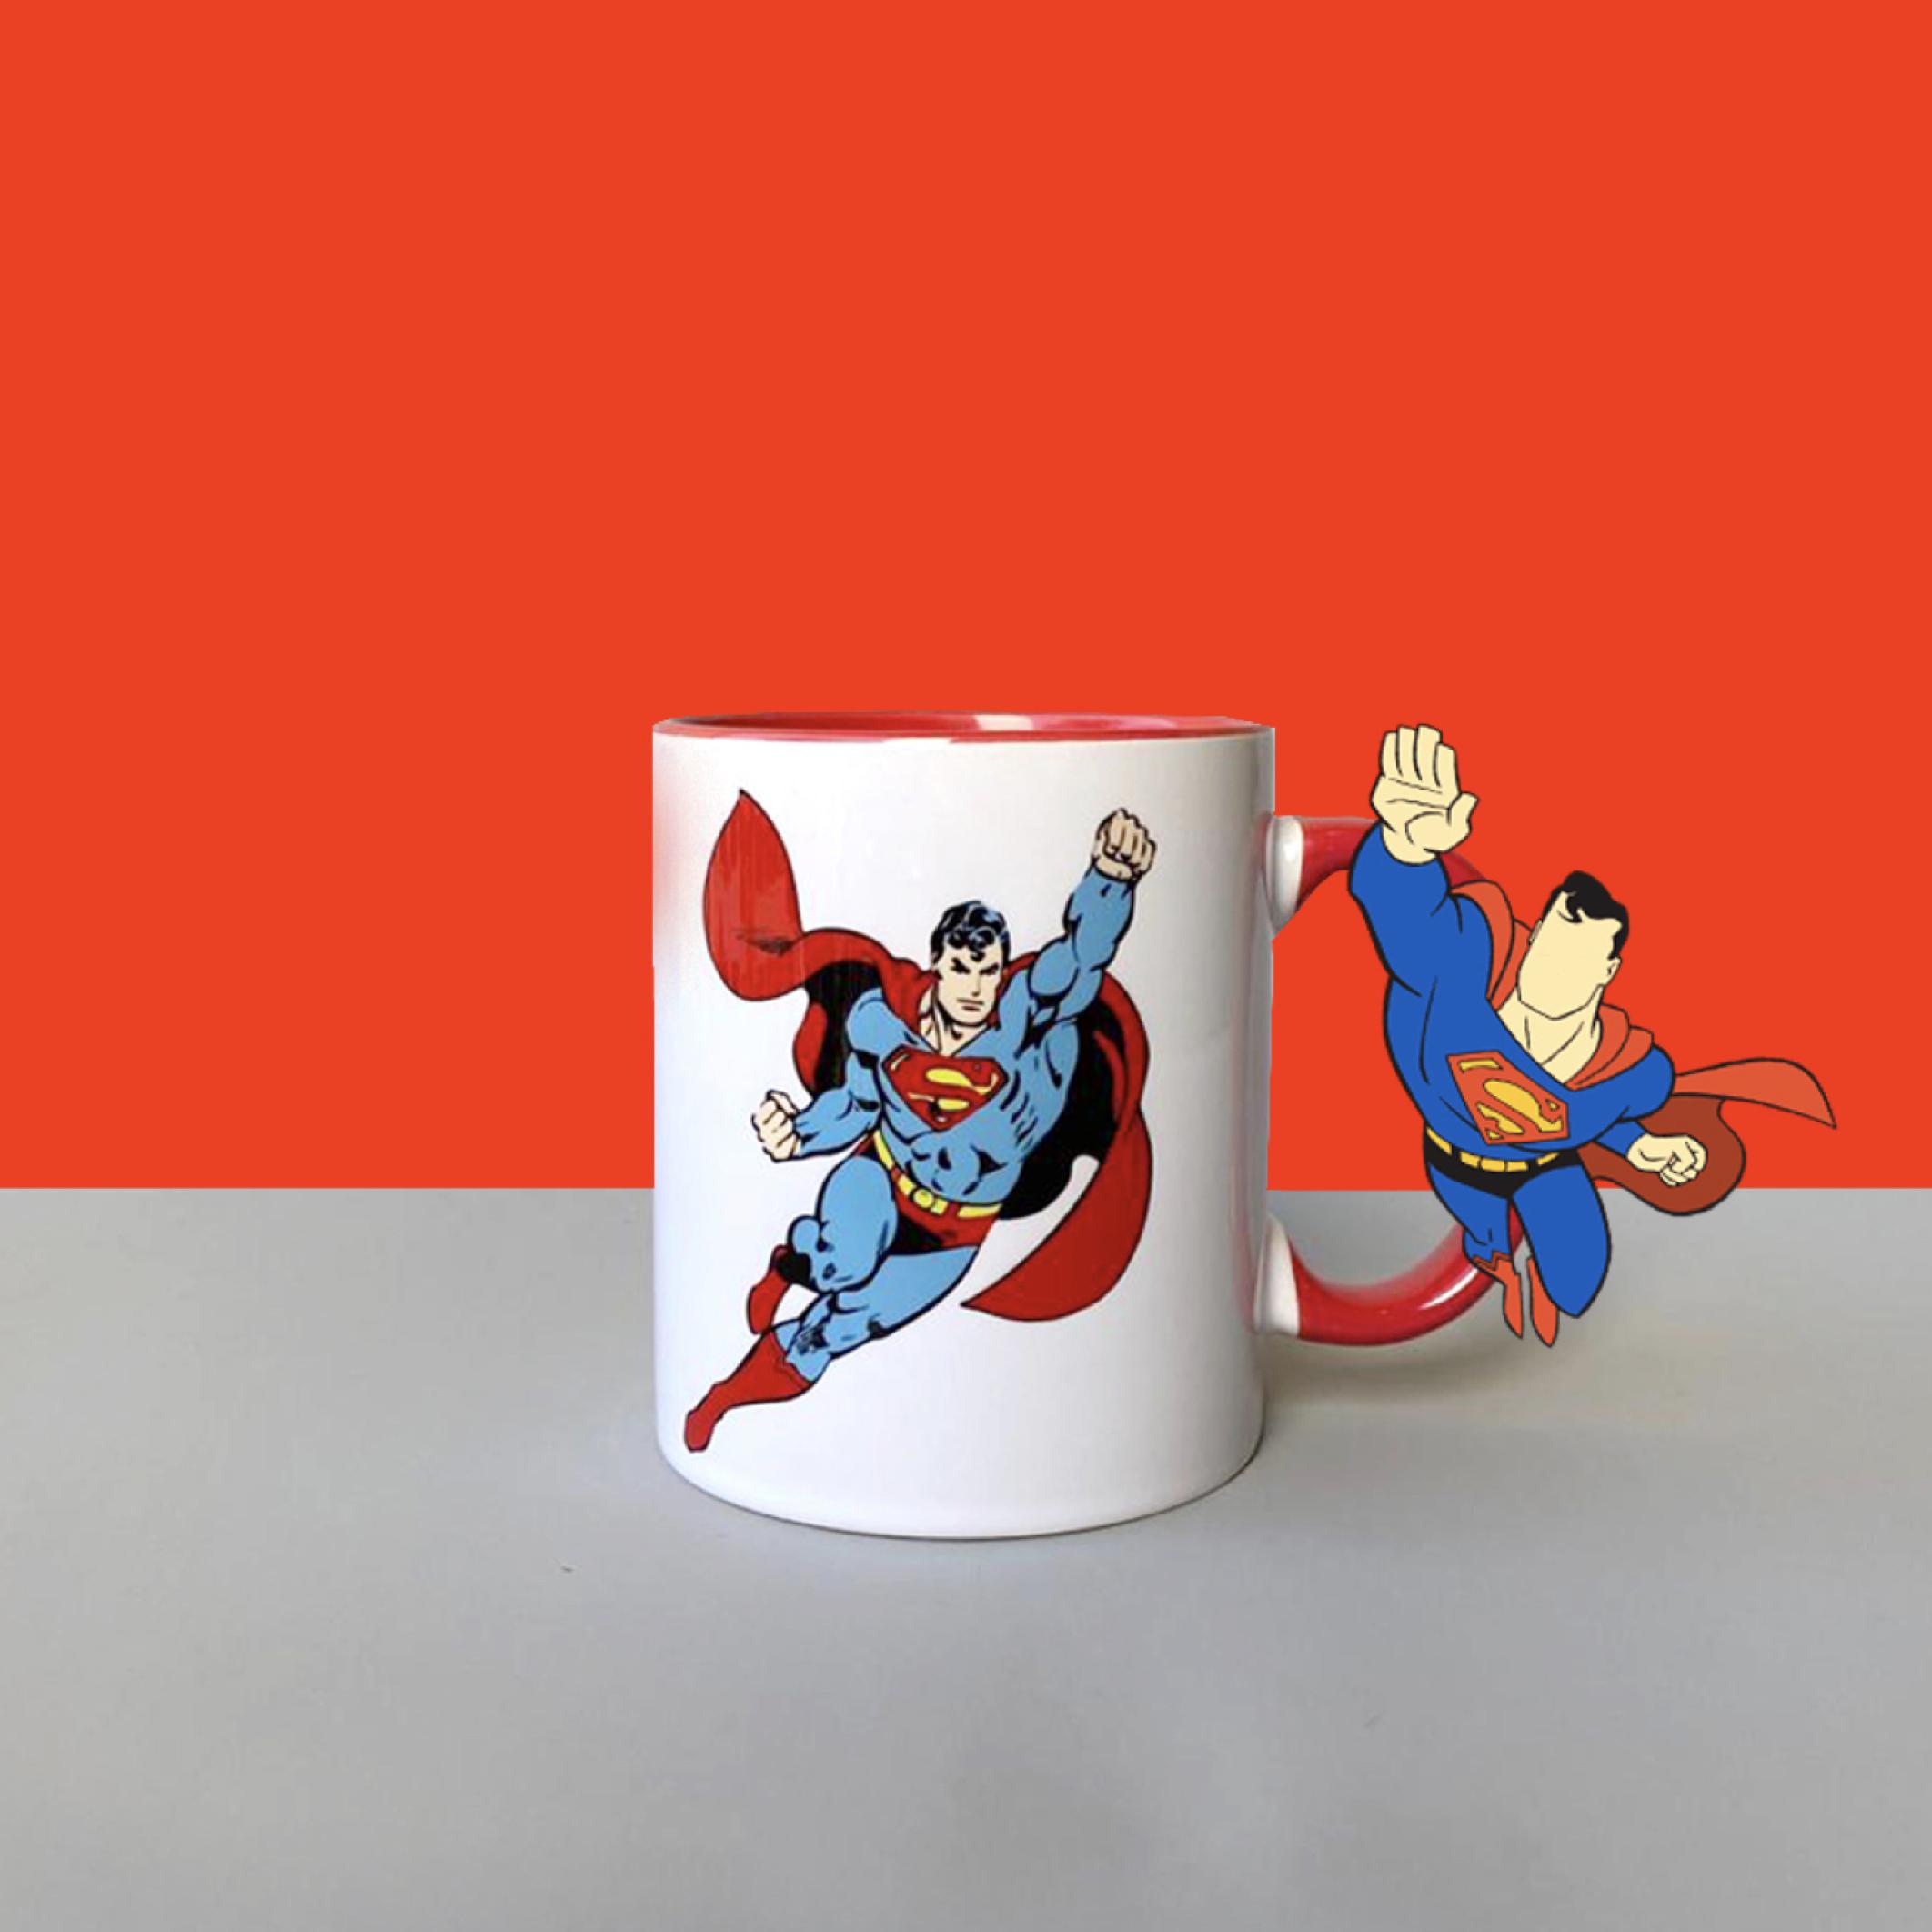 ماگ سوپرمن